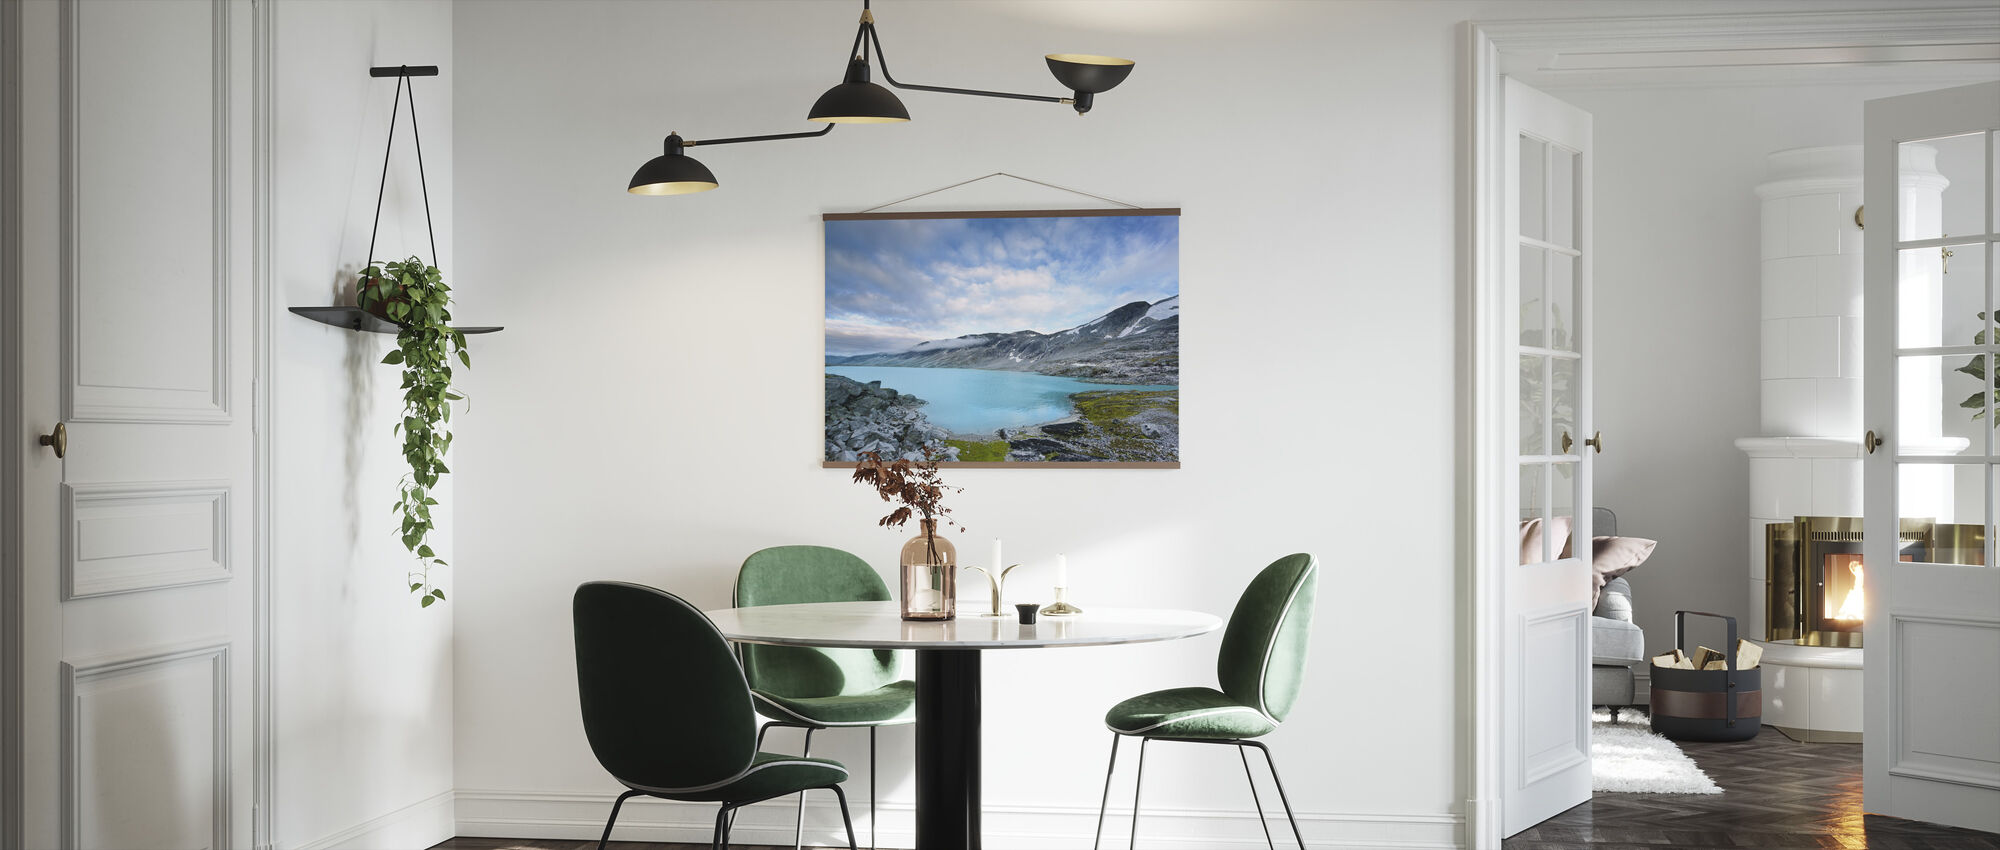 Old Strynefjell, Noorwegen - Poster - Keuken